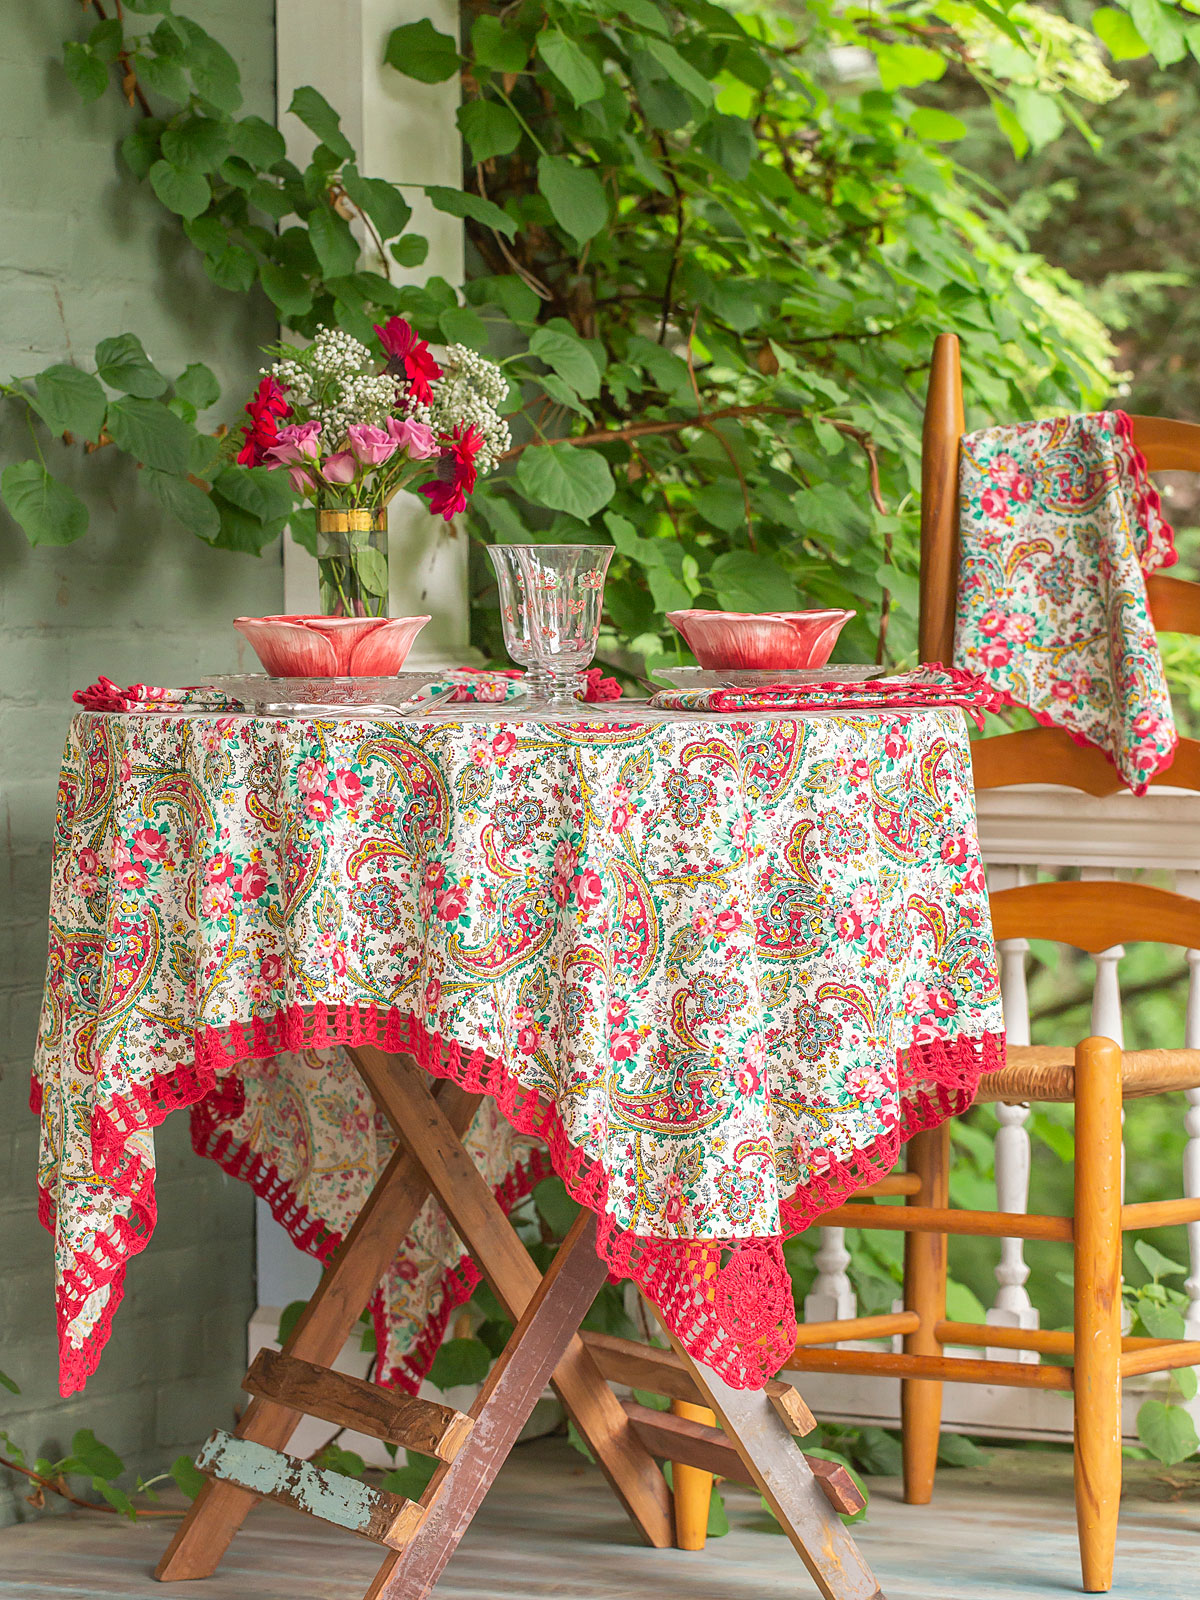 Garden Paisley Crochet Tablecloth